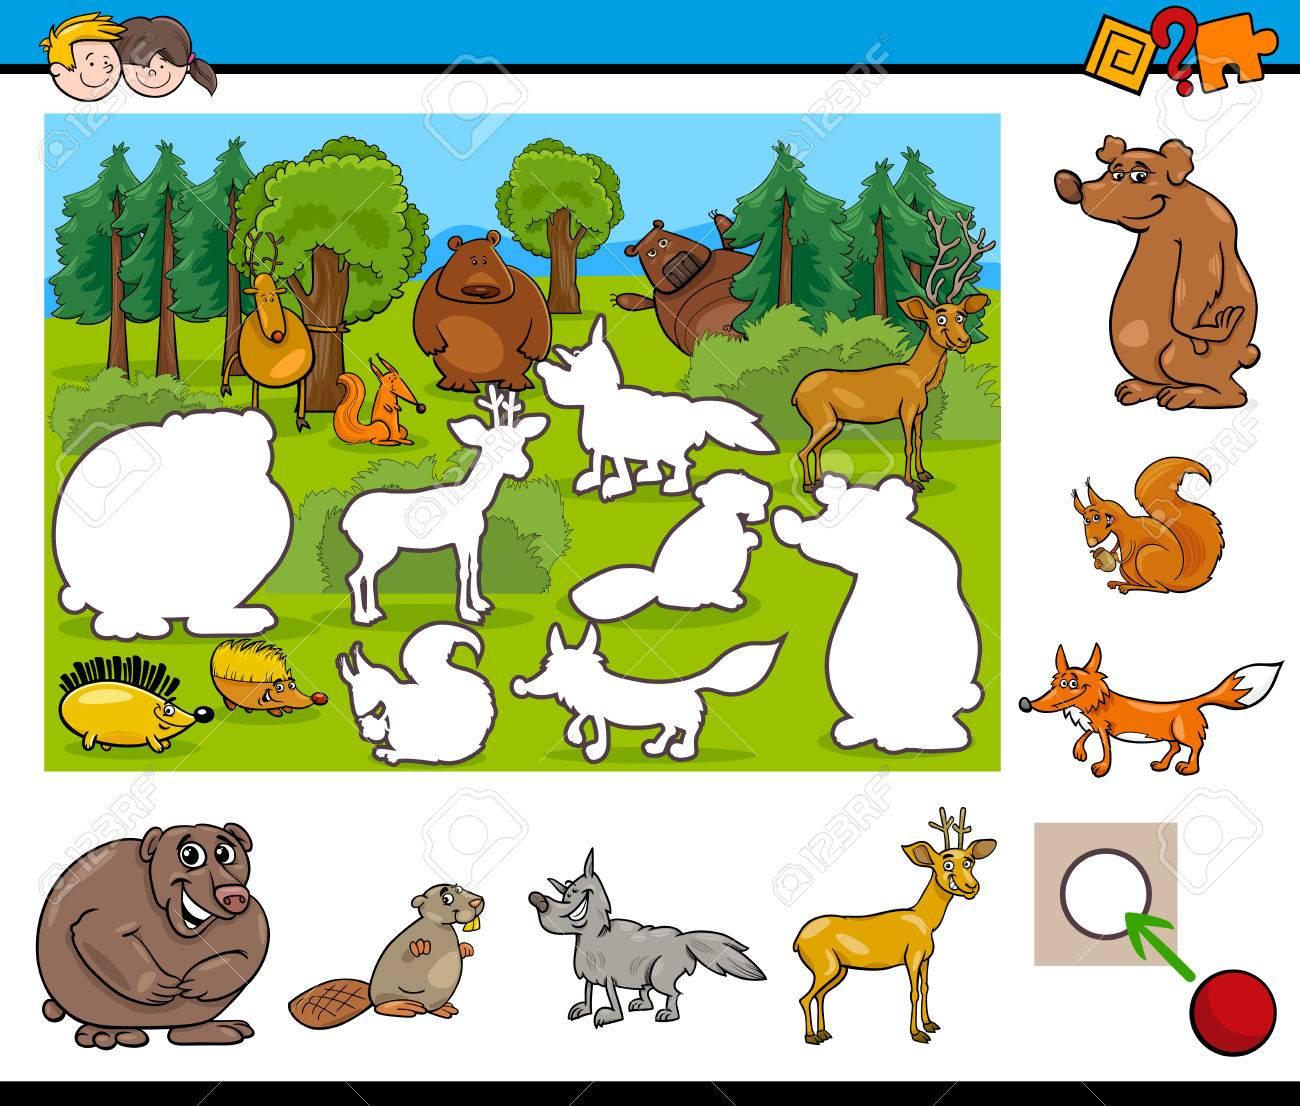 野生動物のキャラクターの幼稚園児のための教育活動の漫画イラスト